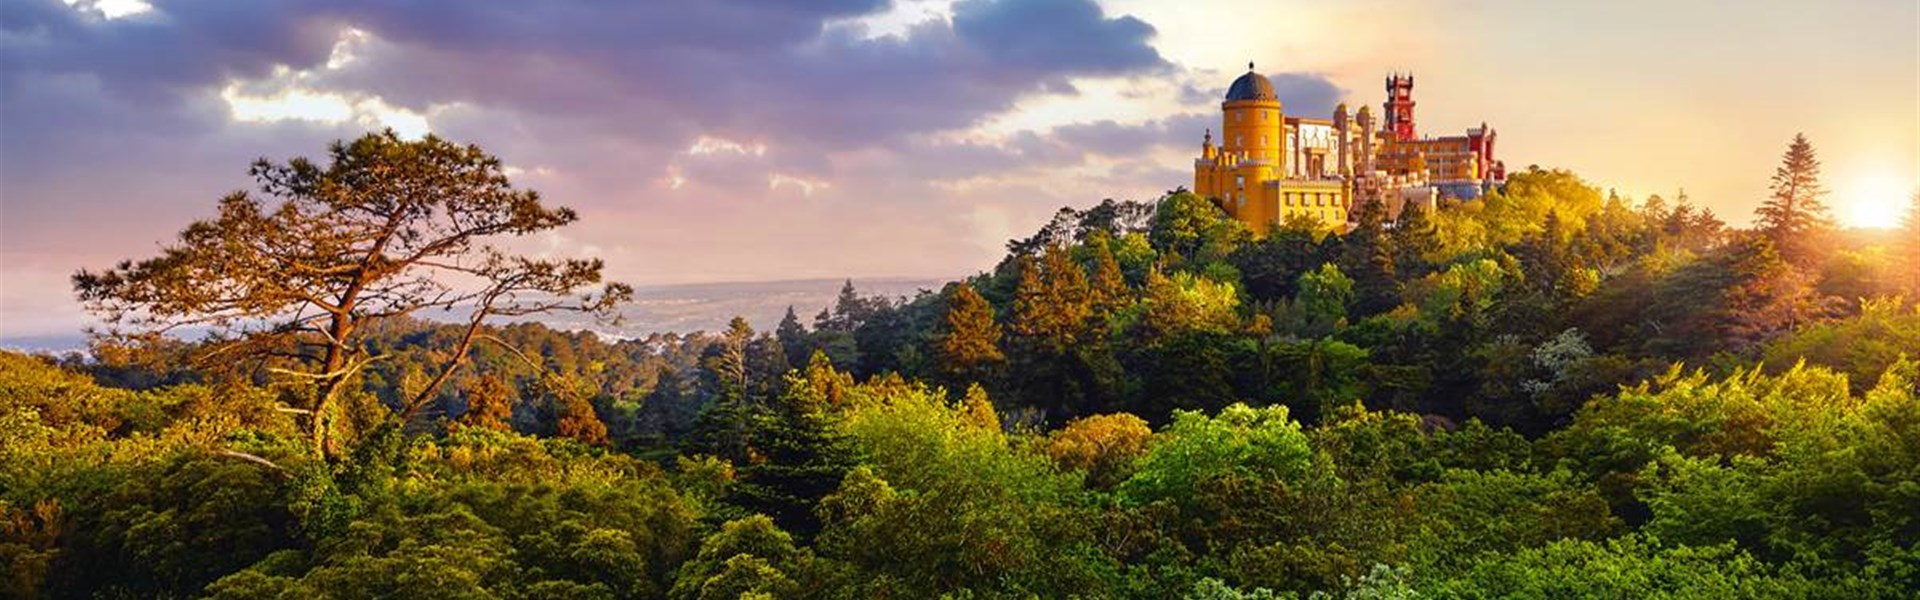 Prodloužený víkend s českým průvodcem: Lisabon - Sintra - Sesimbra - Arrábida -